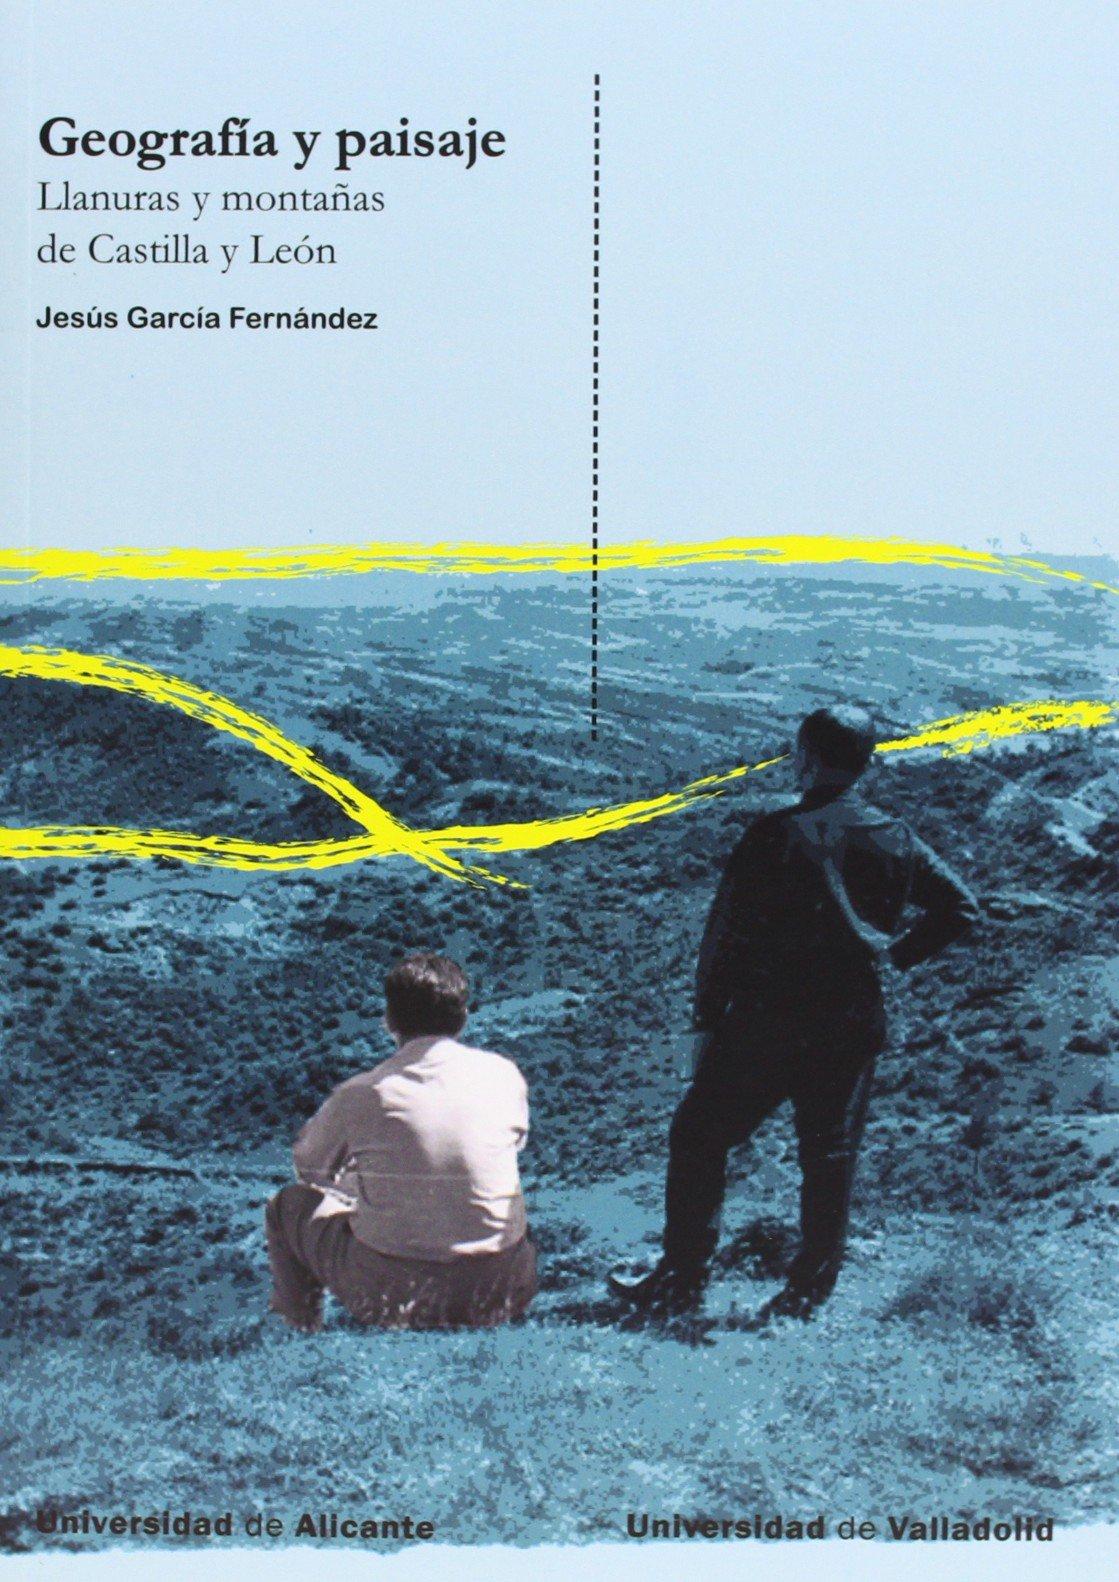 GEOGRAFÍA Y PAISAJE. LLANURAS Y MONTAÑAS DE CASTILLA Y LEON: Amazon.es: GARCIA DE CELIS, ALIPIO JOSE, GARCIA FERNANDEZ, JESUS: Libros